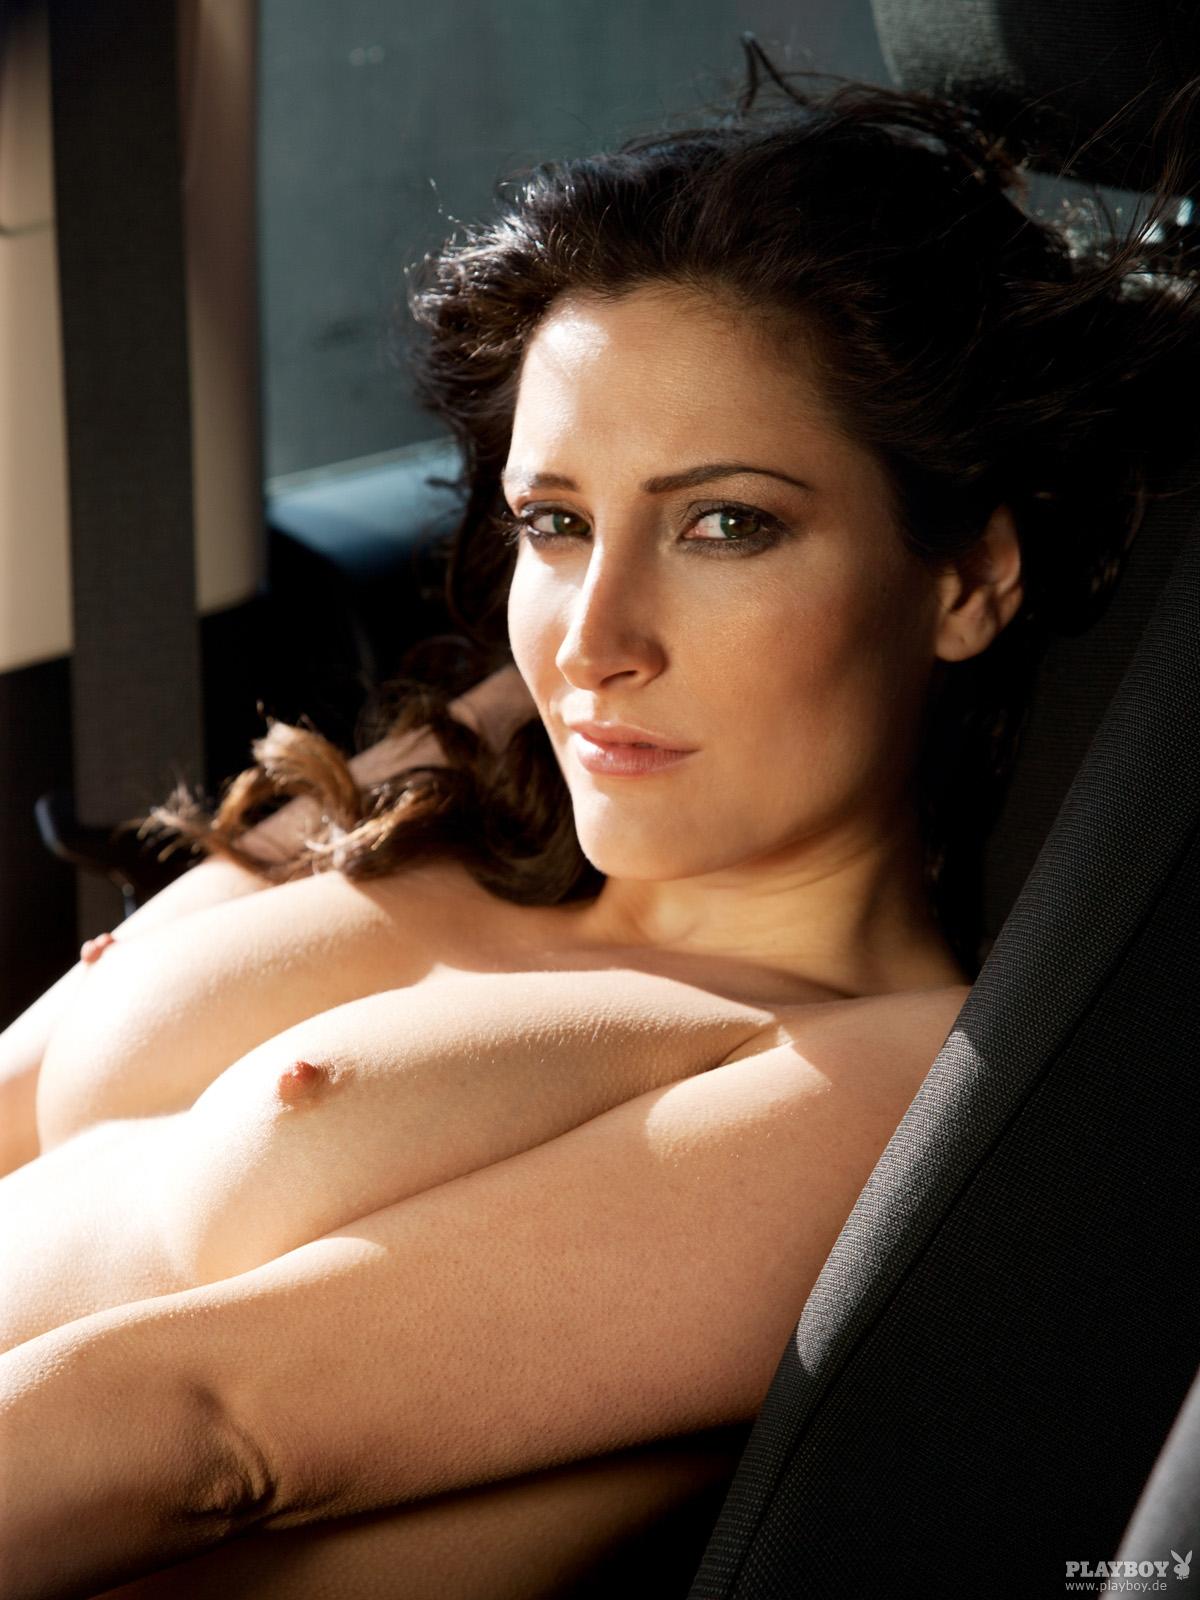 Gay  Mobil Porno Film izle Bedava Porno Sex Videoları